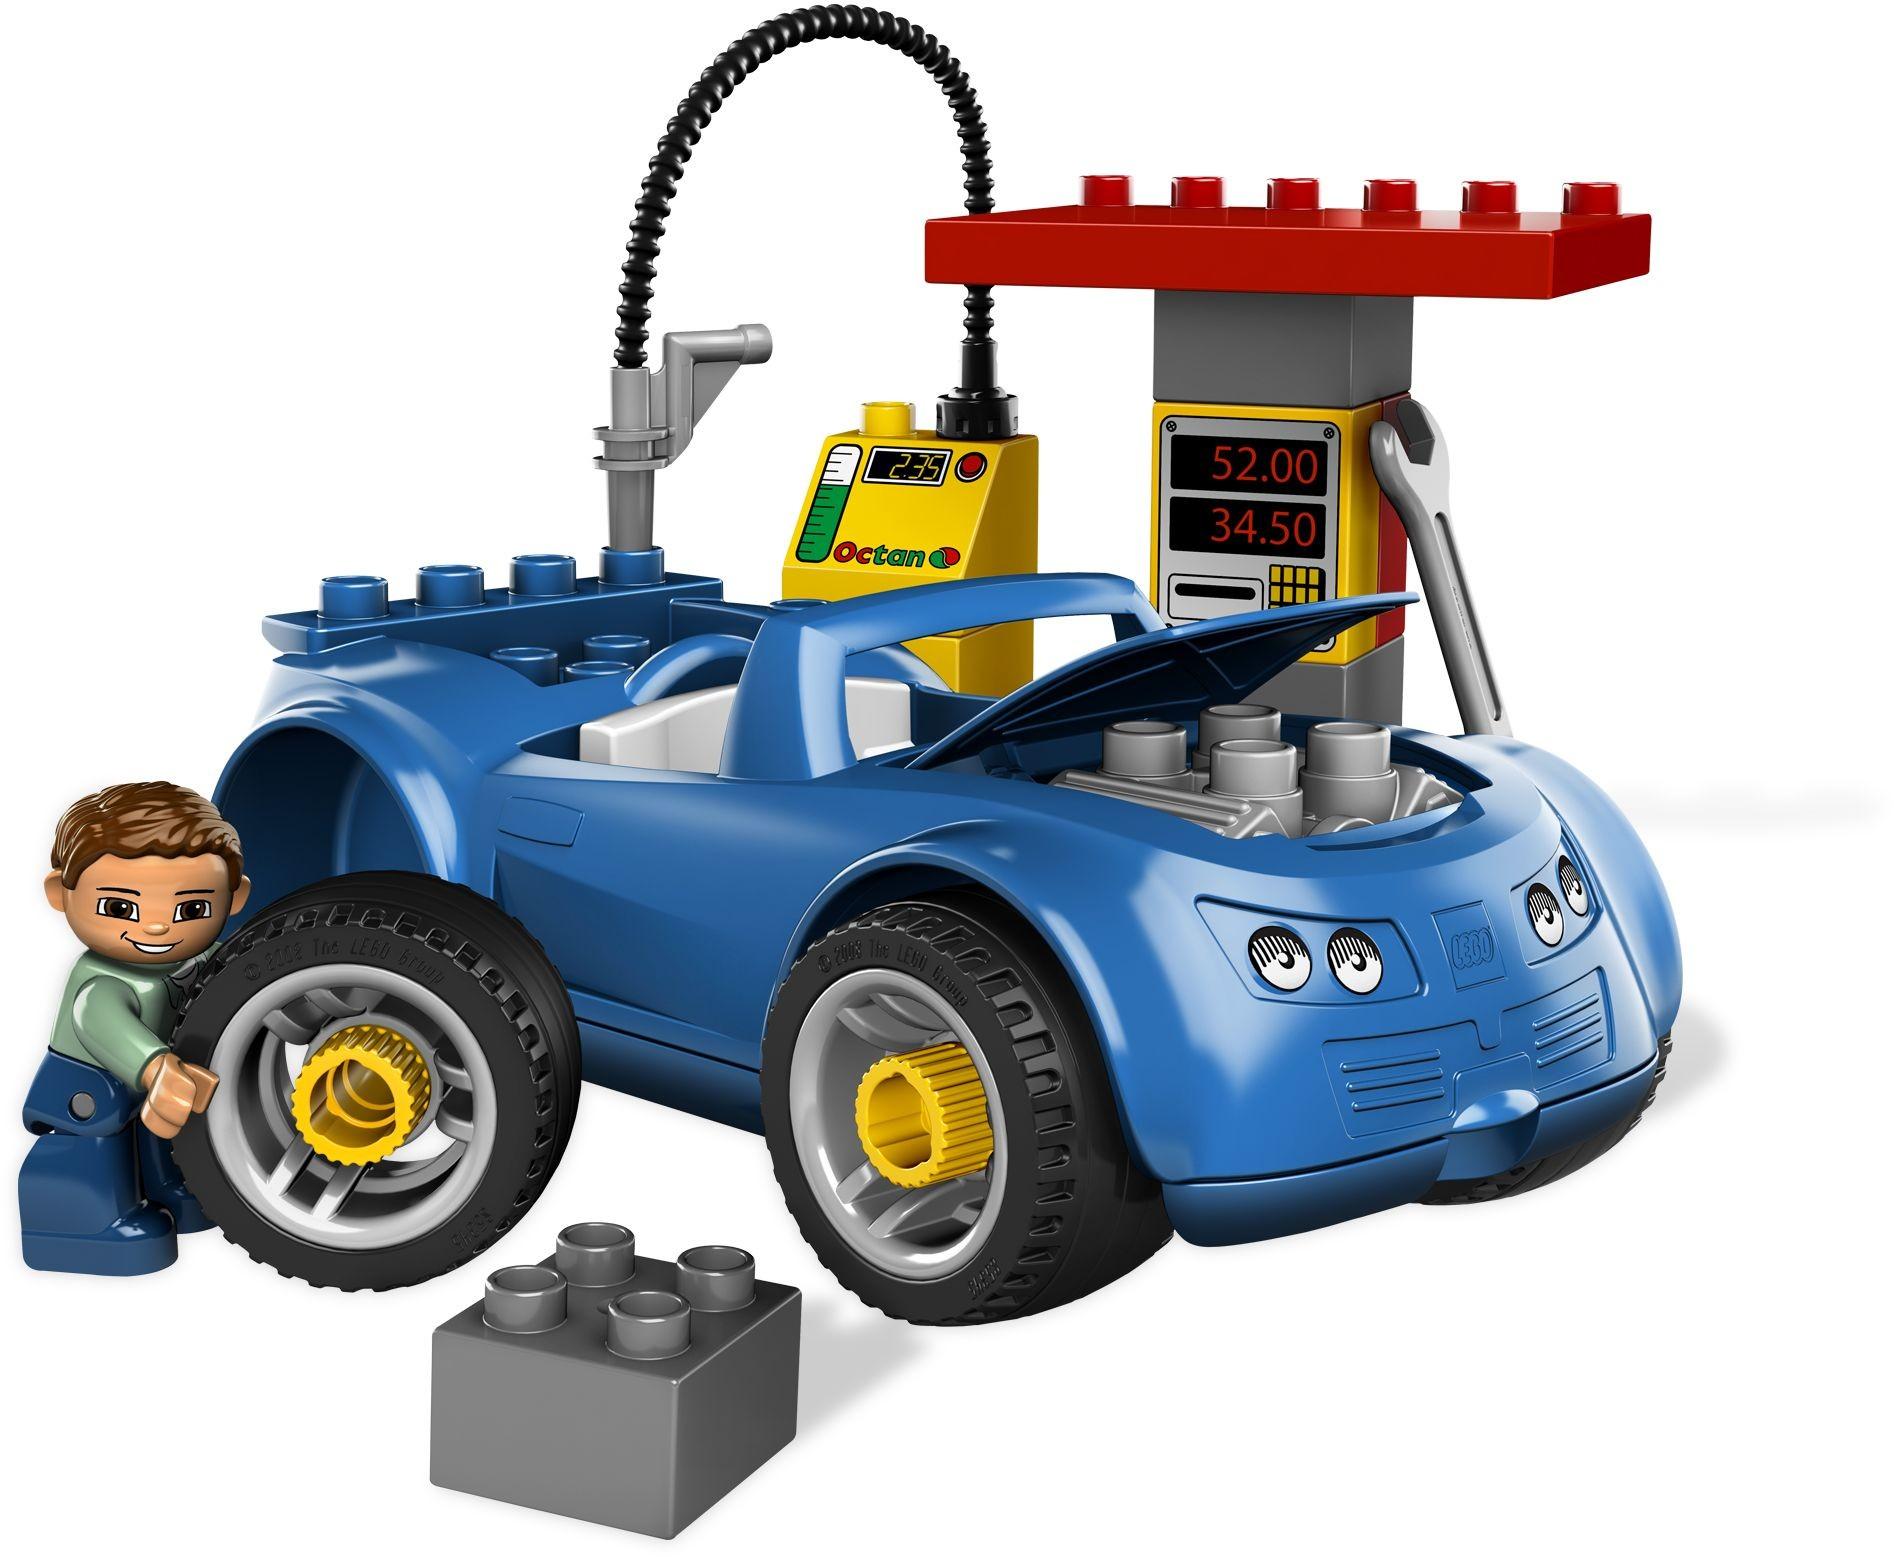 Duplo 2009 Brickset Lego Set Guide And Database